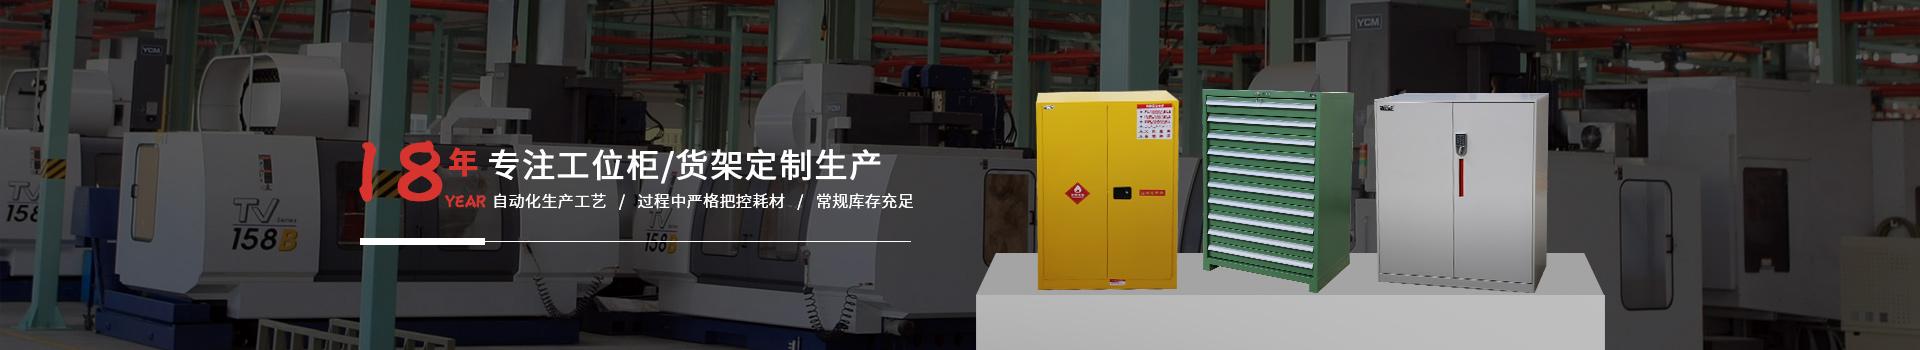 天金冈18年专注工位柜/货架定制生产